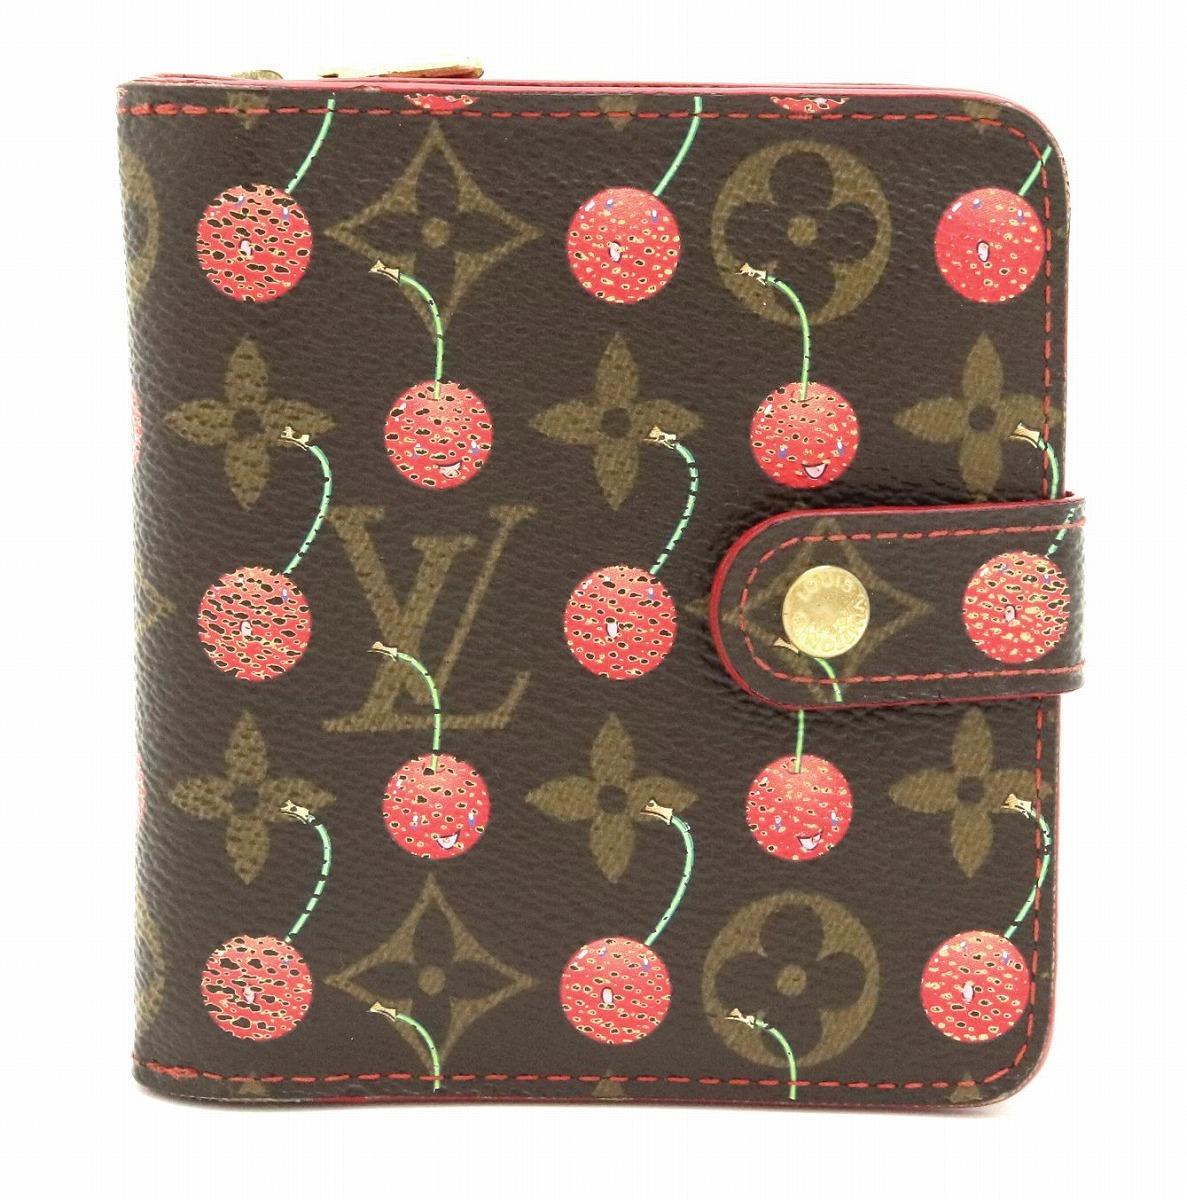 【財布】LOUIS VUITTON ルイ ヴィトン モノグラムチェリー コンパクトジップ 2つ折 コの字型ファスナー財布 さくらんぼ M95005 【中古】【k】